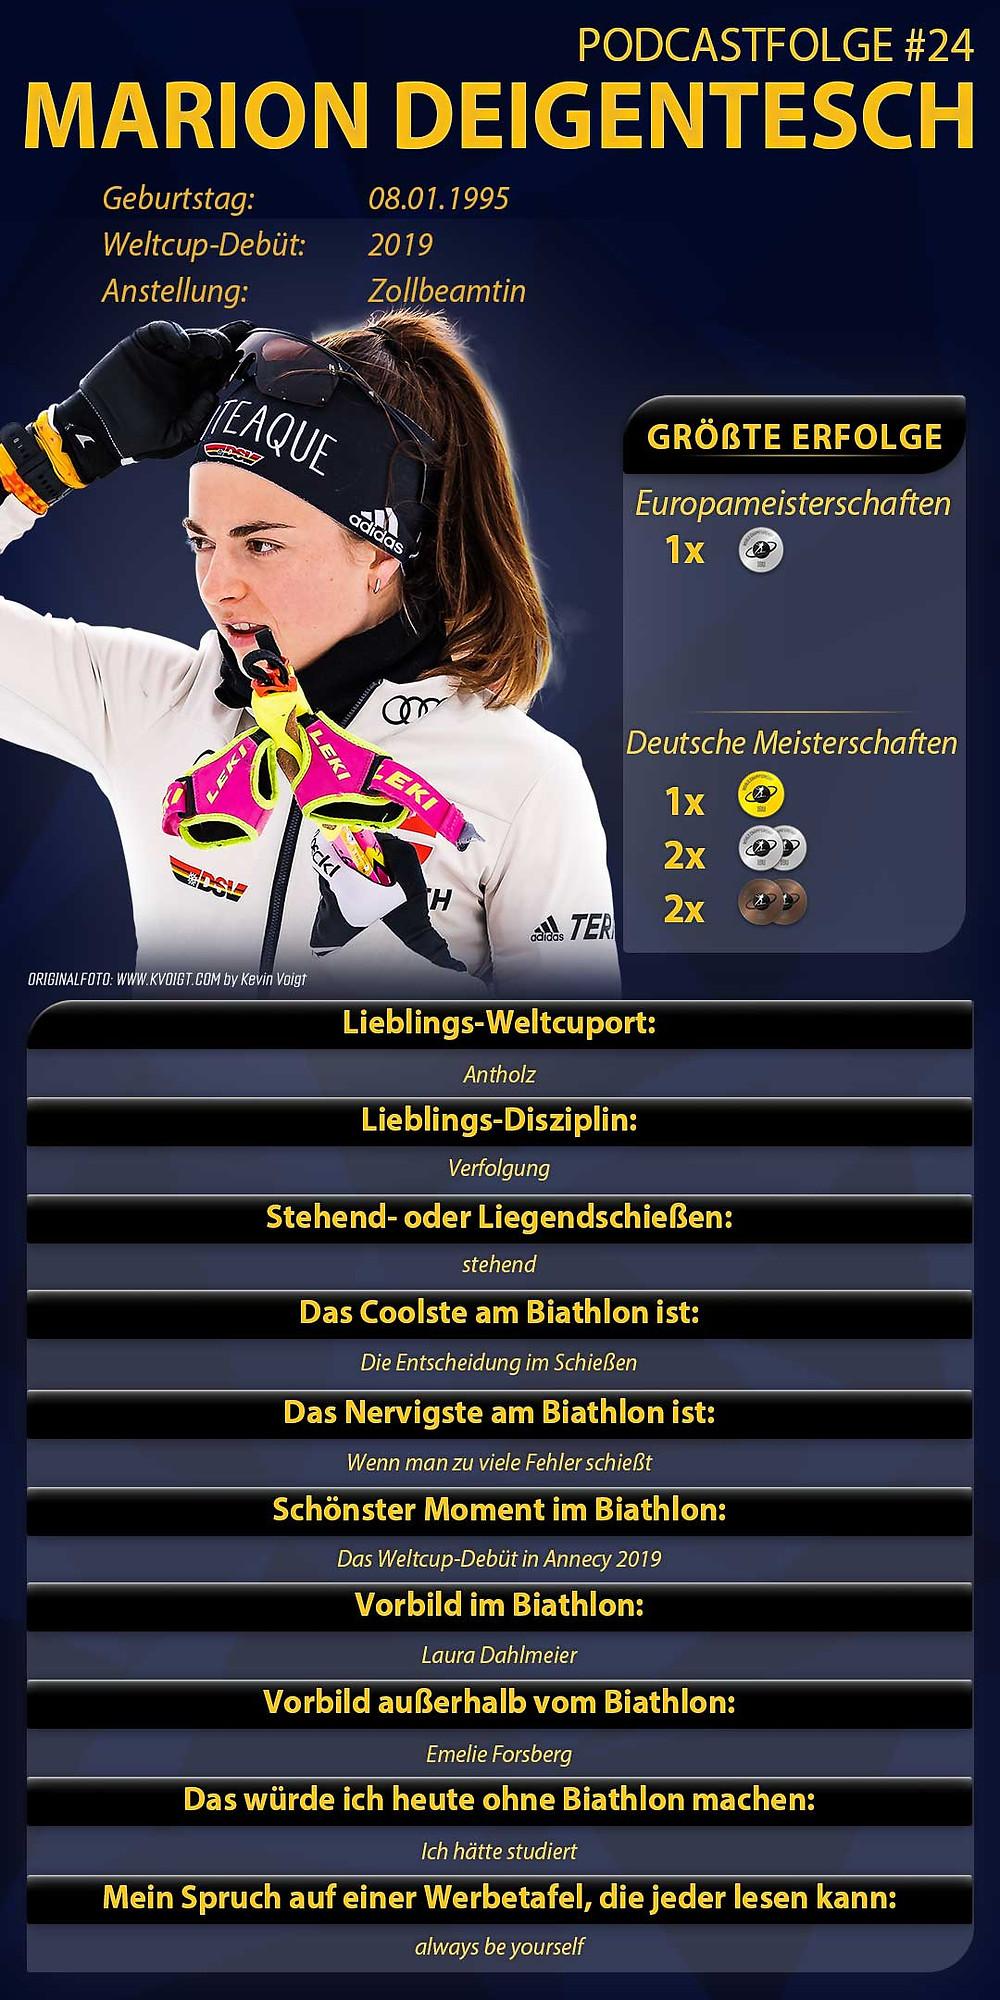 Marion Deigentesch ist zu Gast im Biathlon Podcast Extrarunde. Erfahre in Folge 24 alles über sie und ihre Ziele im Biathlon